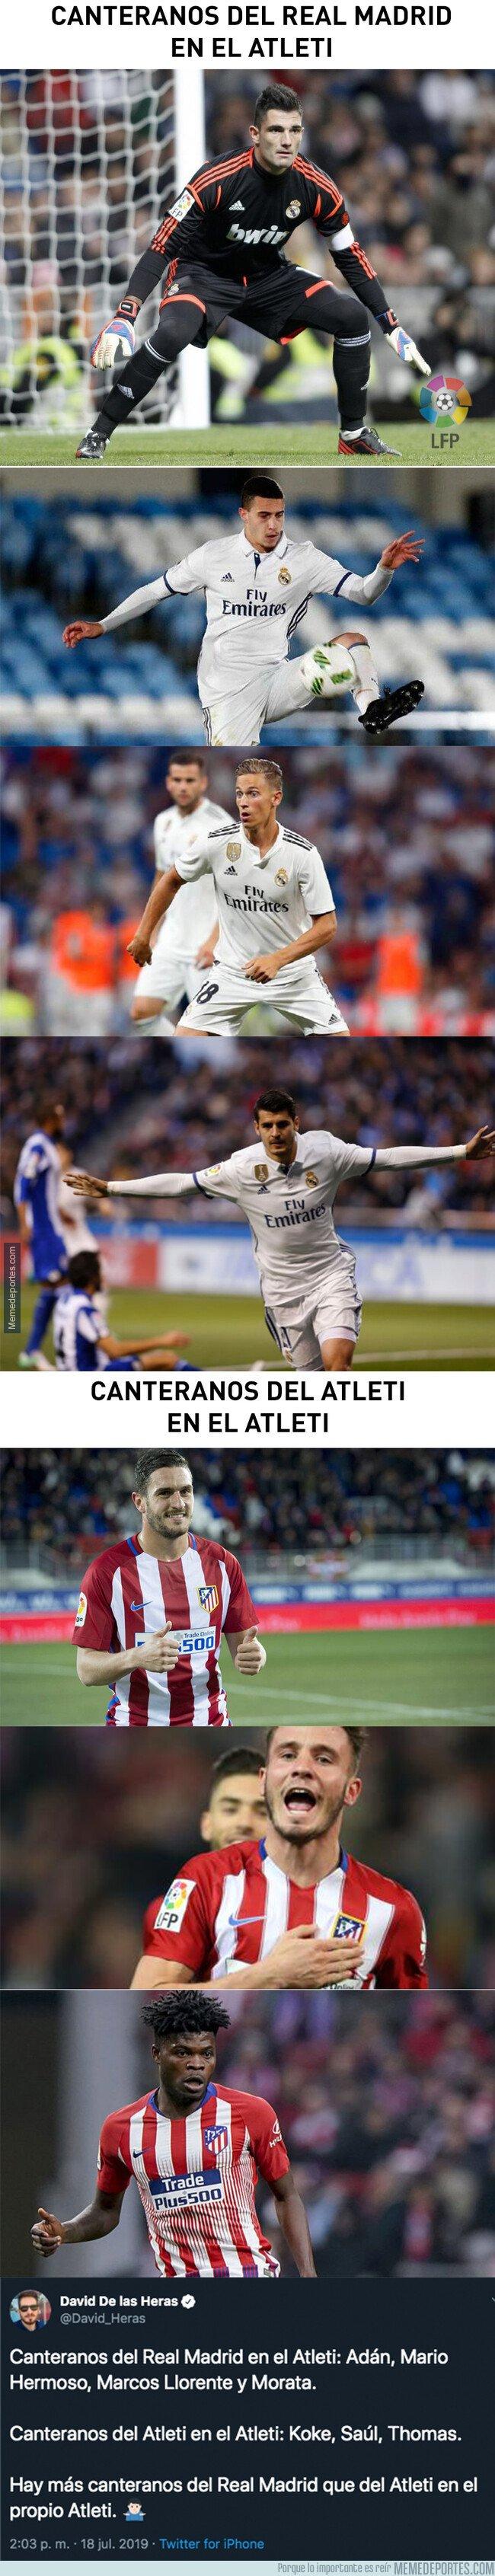 1081487 - El dato de los canteranos del Real Madrid en el Atleti que está escociendo y mucho a sus aficionados